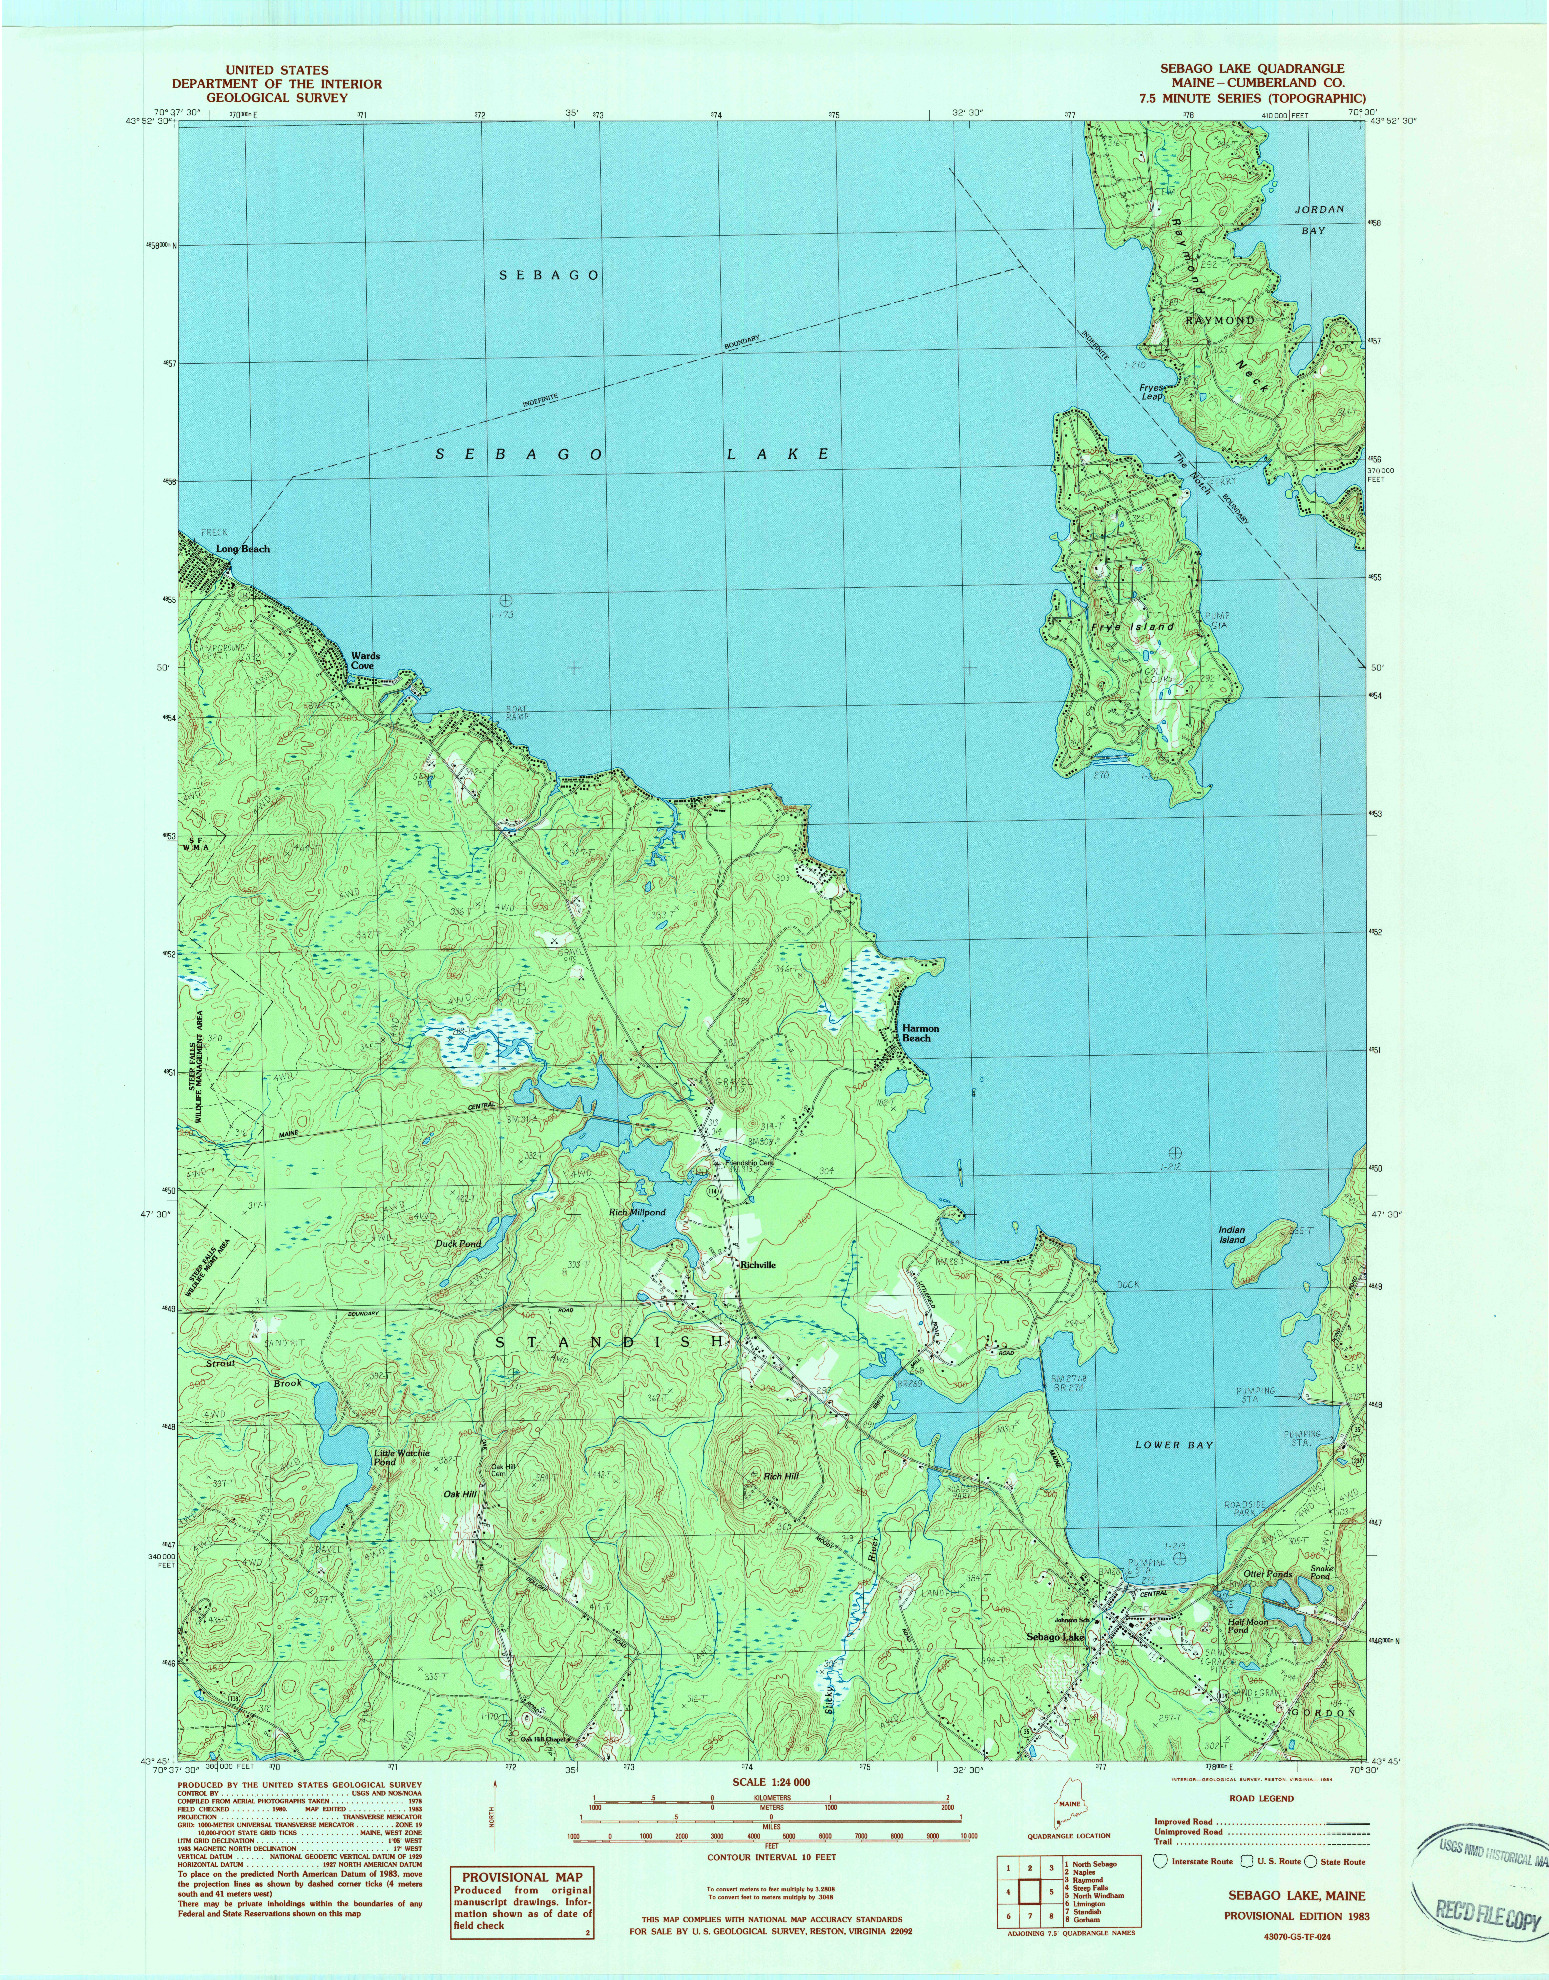 USGS 1:24000-SCALE QUADRANGLE FOR SEBAGO LAKE, ME 1983 on surry mountain lake map, pittsfield lake map, mexico lake map, bedford lake map, flagstaff lake map, mooselookmeguntic lake map, china lake map, jaffrey lake map, sebasticook lake map, little sebago map, maine map, massachusetts map, lake easton state park campground map, sperry lake map, sebago state park map, diamond valley lake map, point sebago map, lake wallenpaupack map, clarks lake map, gardner lake map,